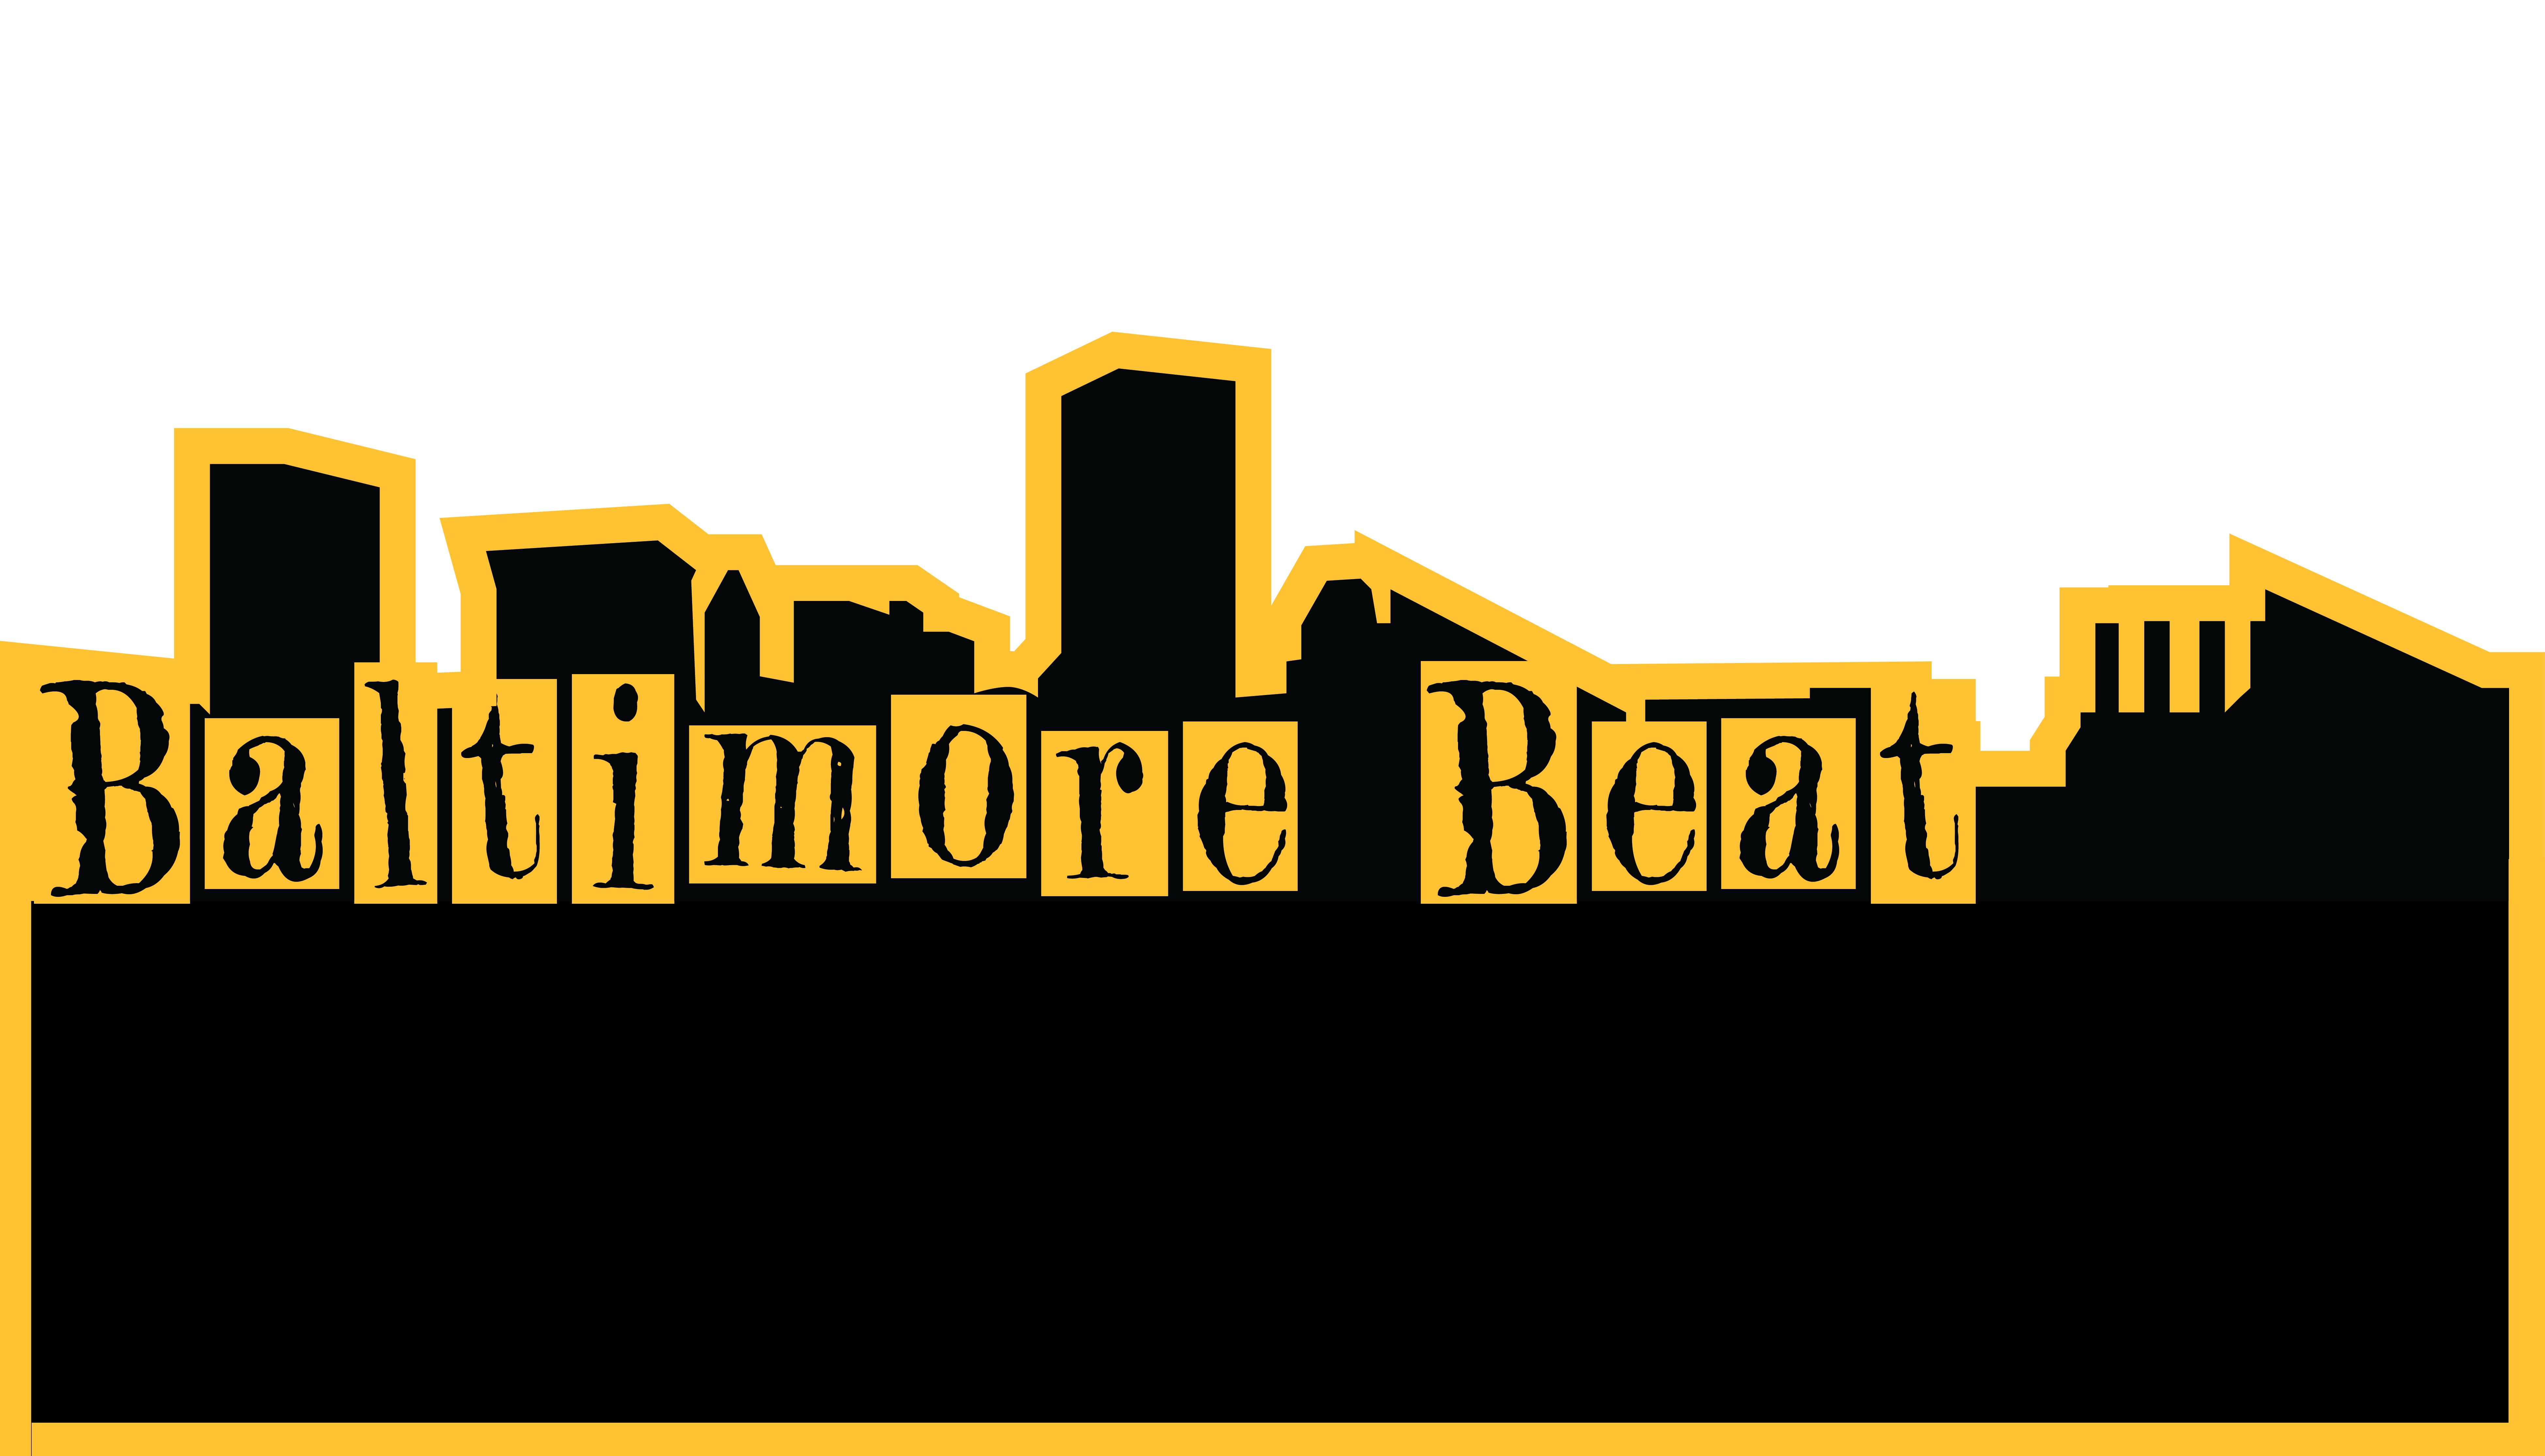 bmorebeat-01